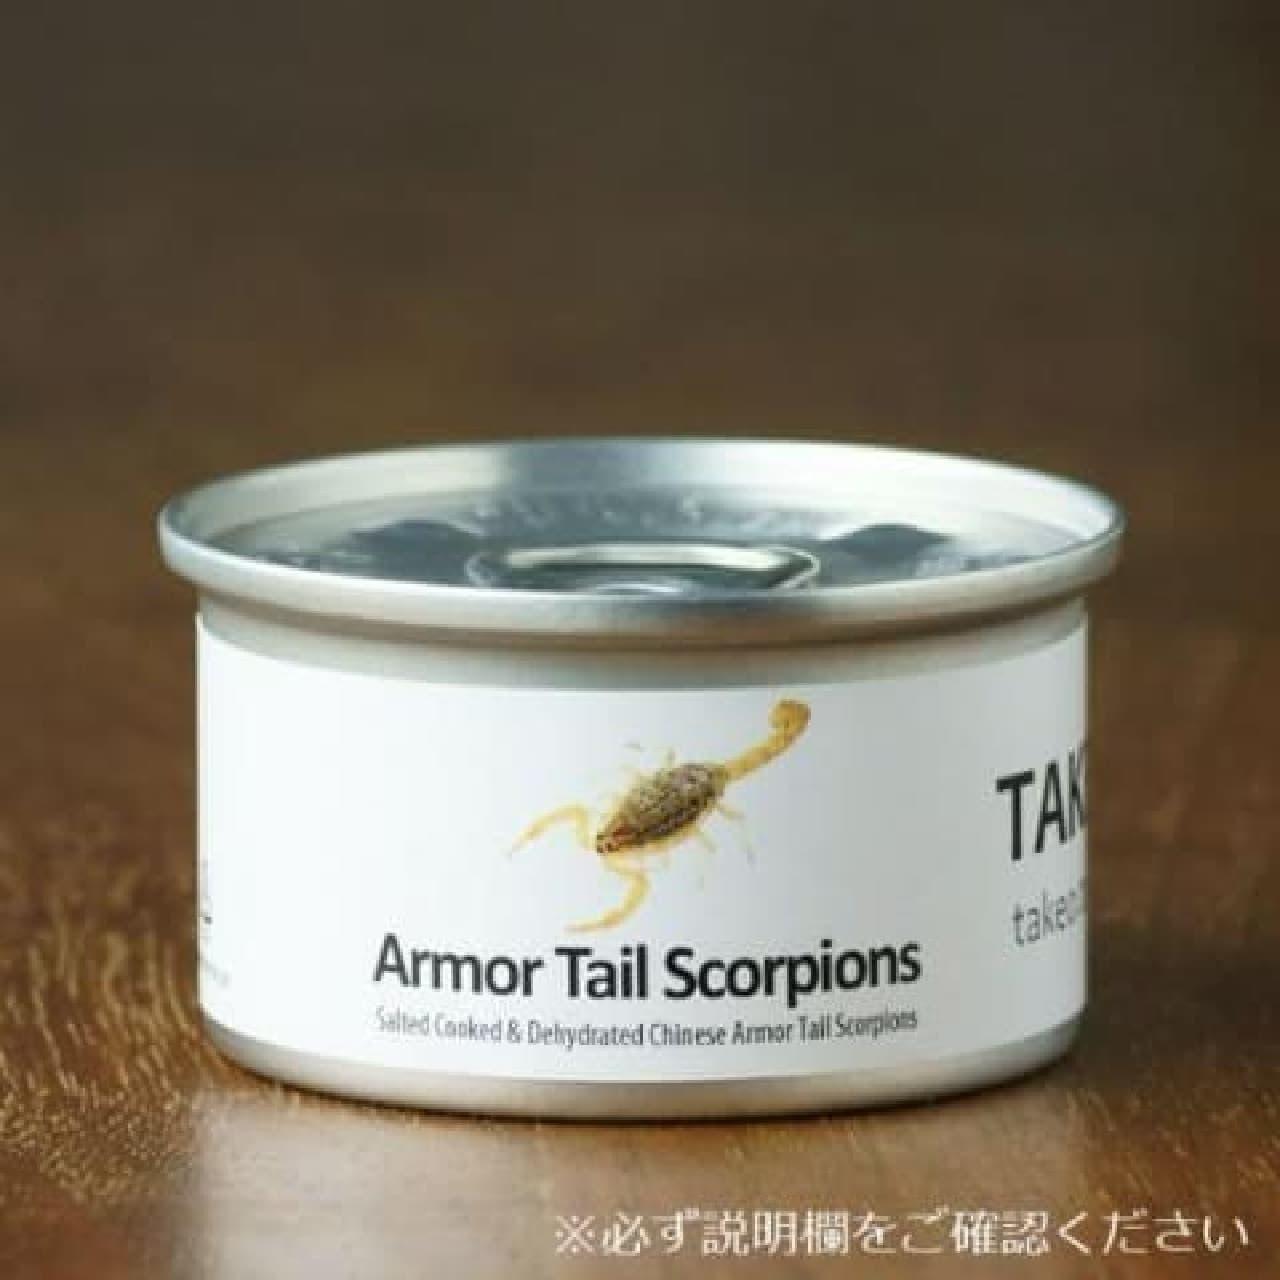 ヴィレッジヴァンガードオンライン「【TAKEO】昆虫食福袋」